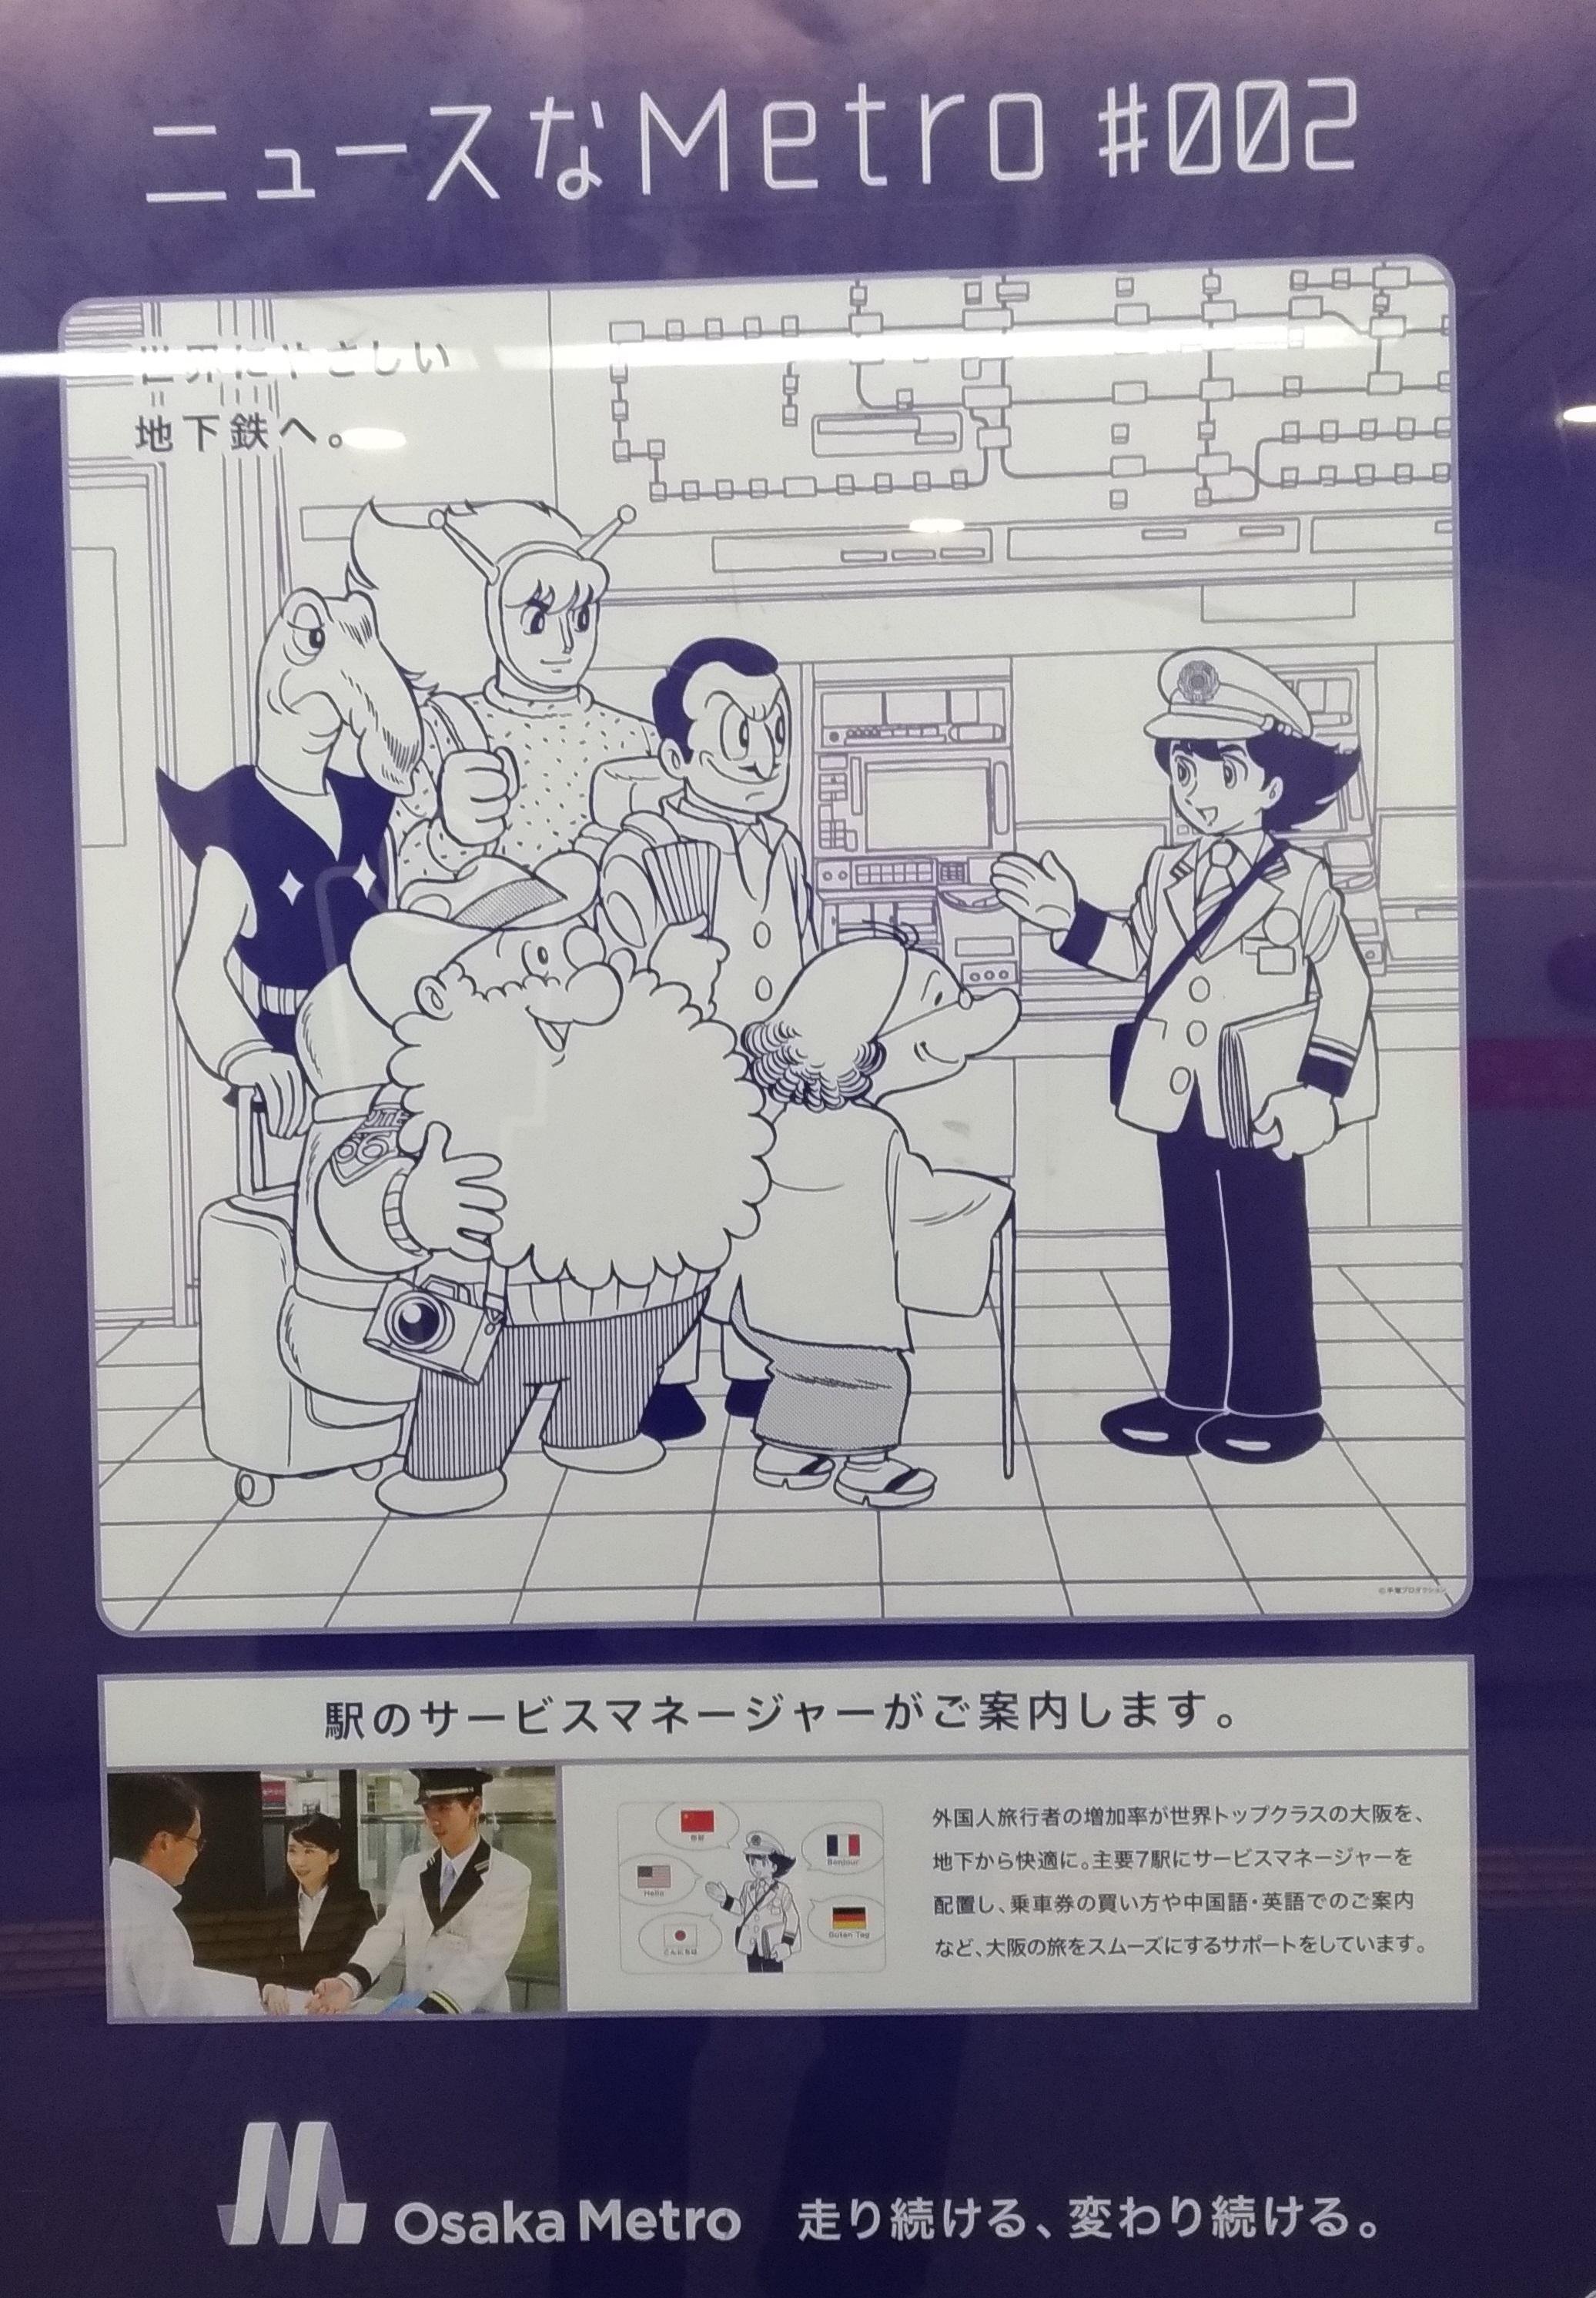 osaka_metro_002_subway.jpg